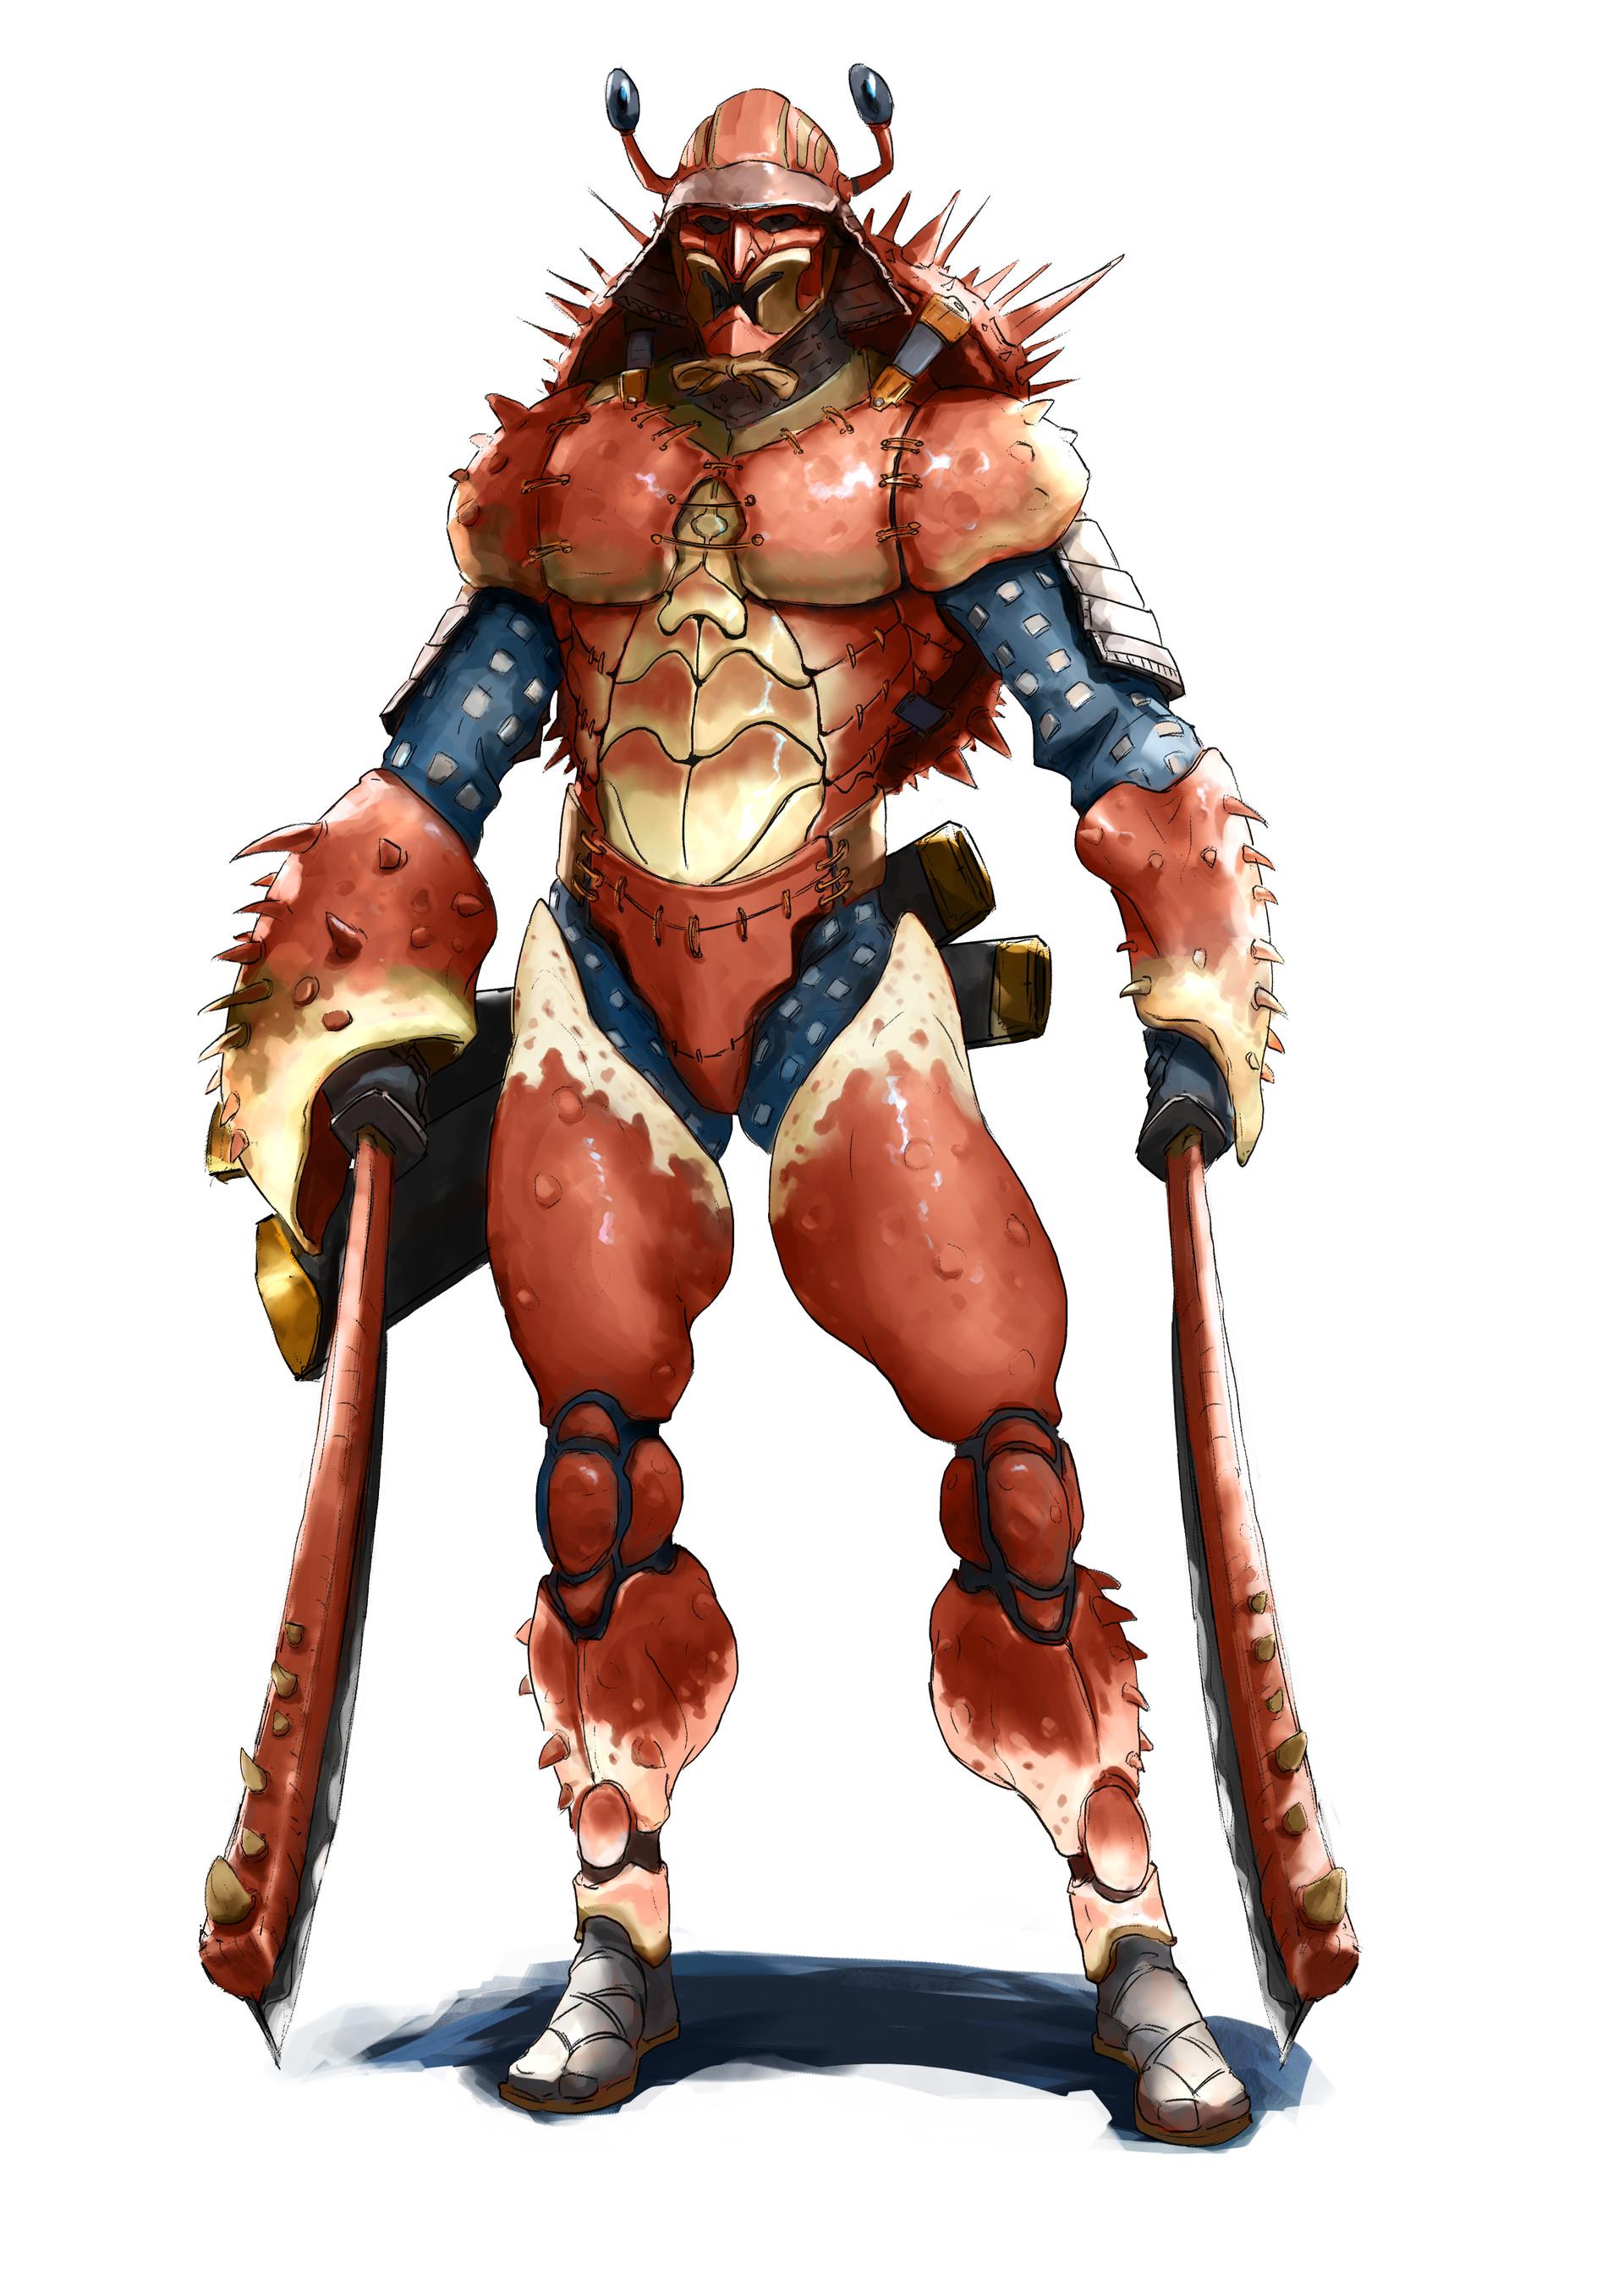 Brian deakin samurai crab02